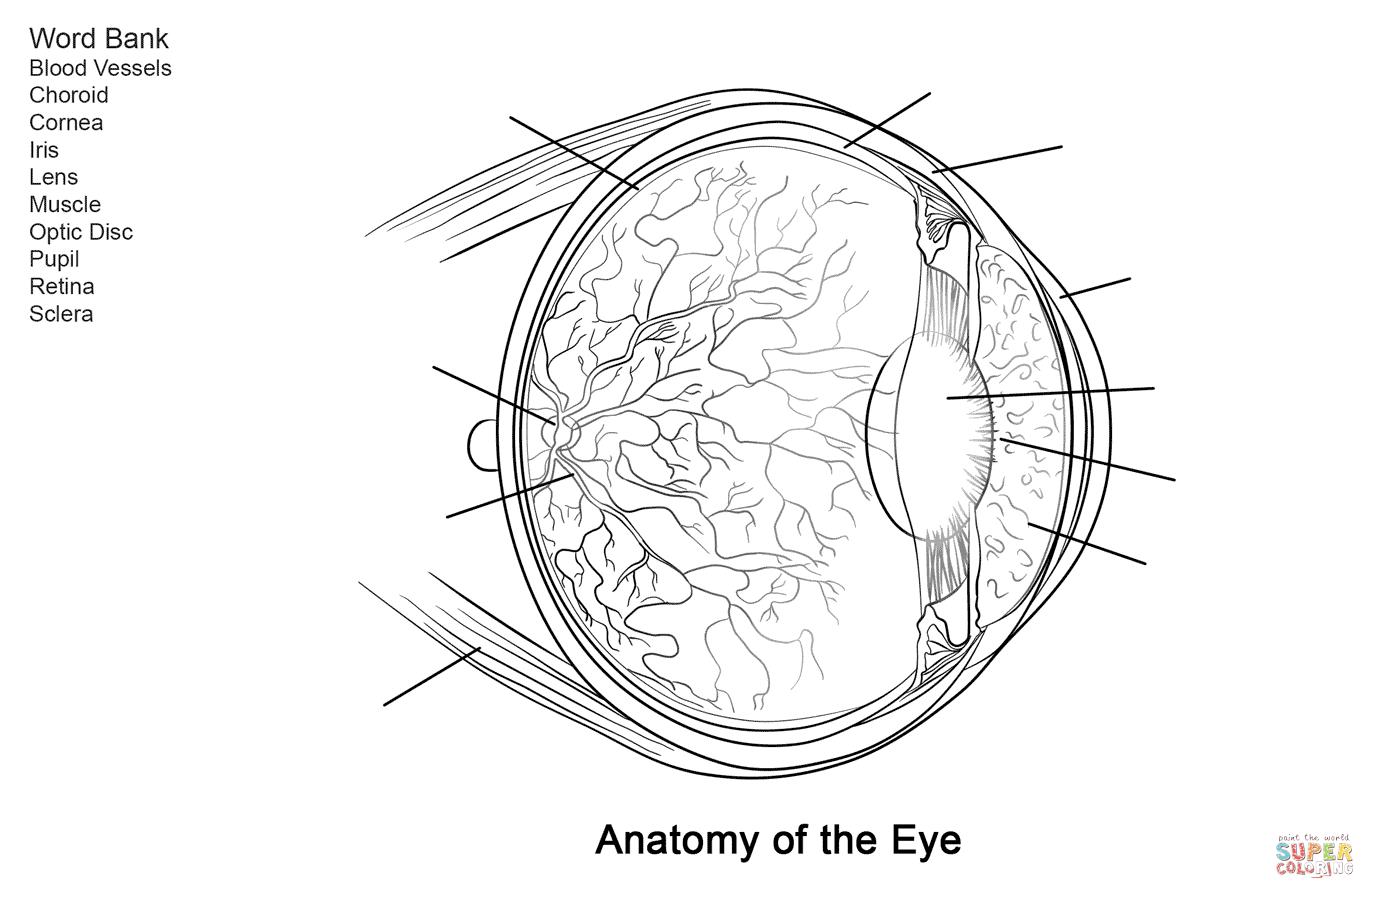 Human Eye Anatomy Worksheet Coloring Page   Free Printable Coloring - Free Printable Anatomy Pictures